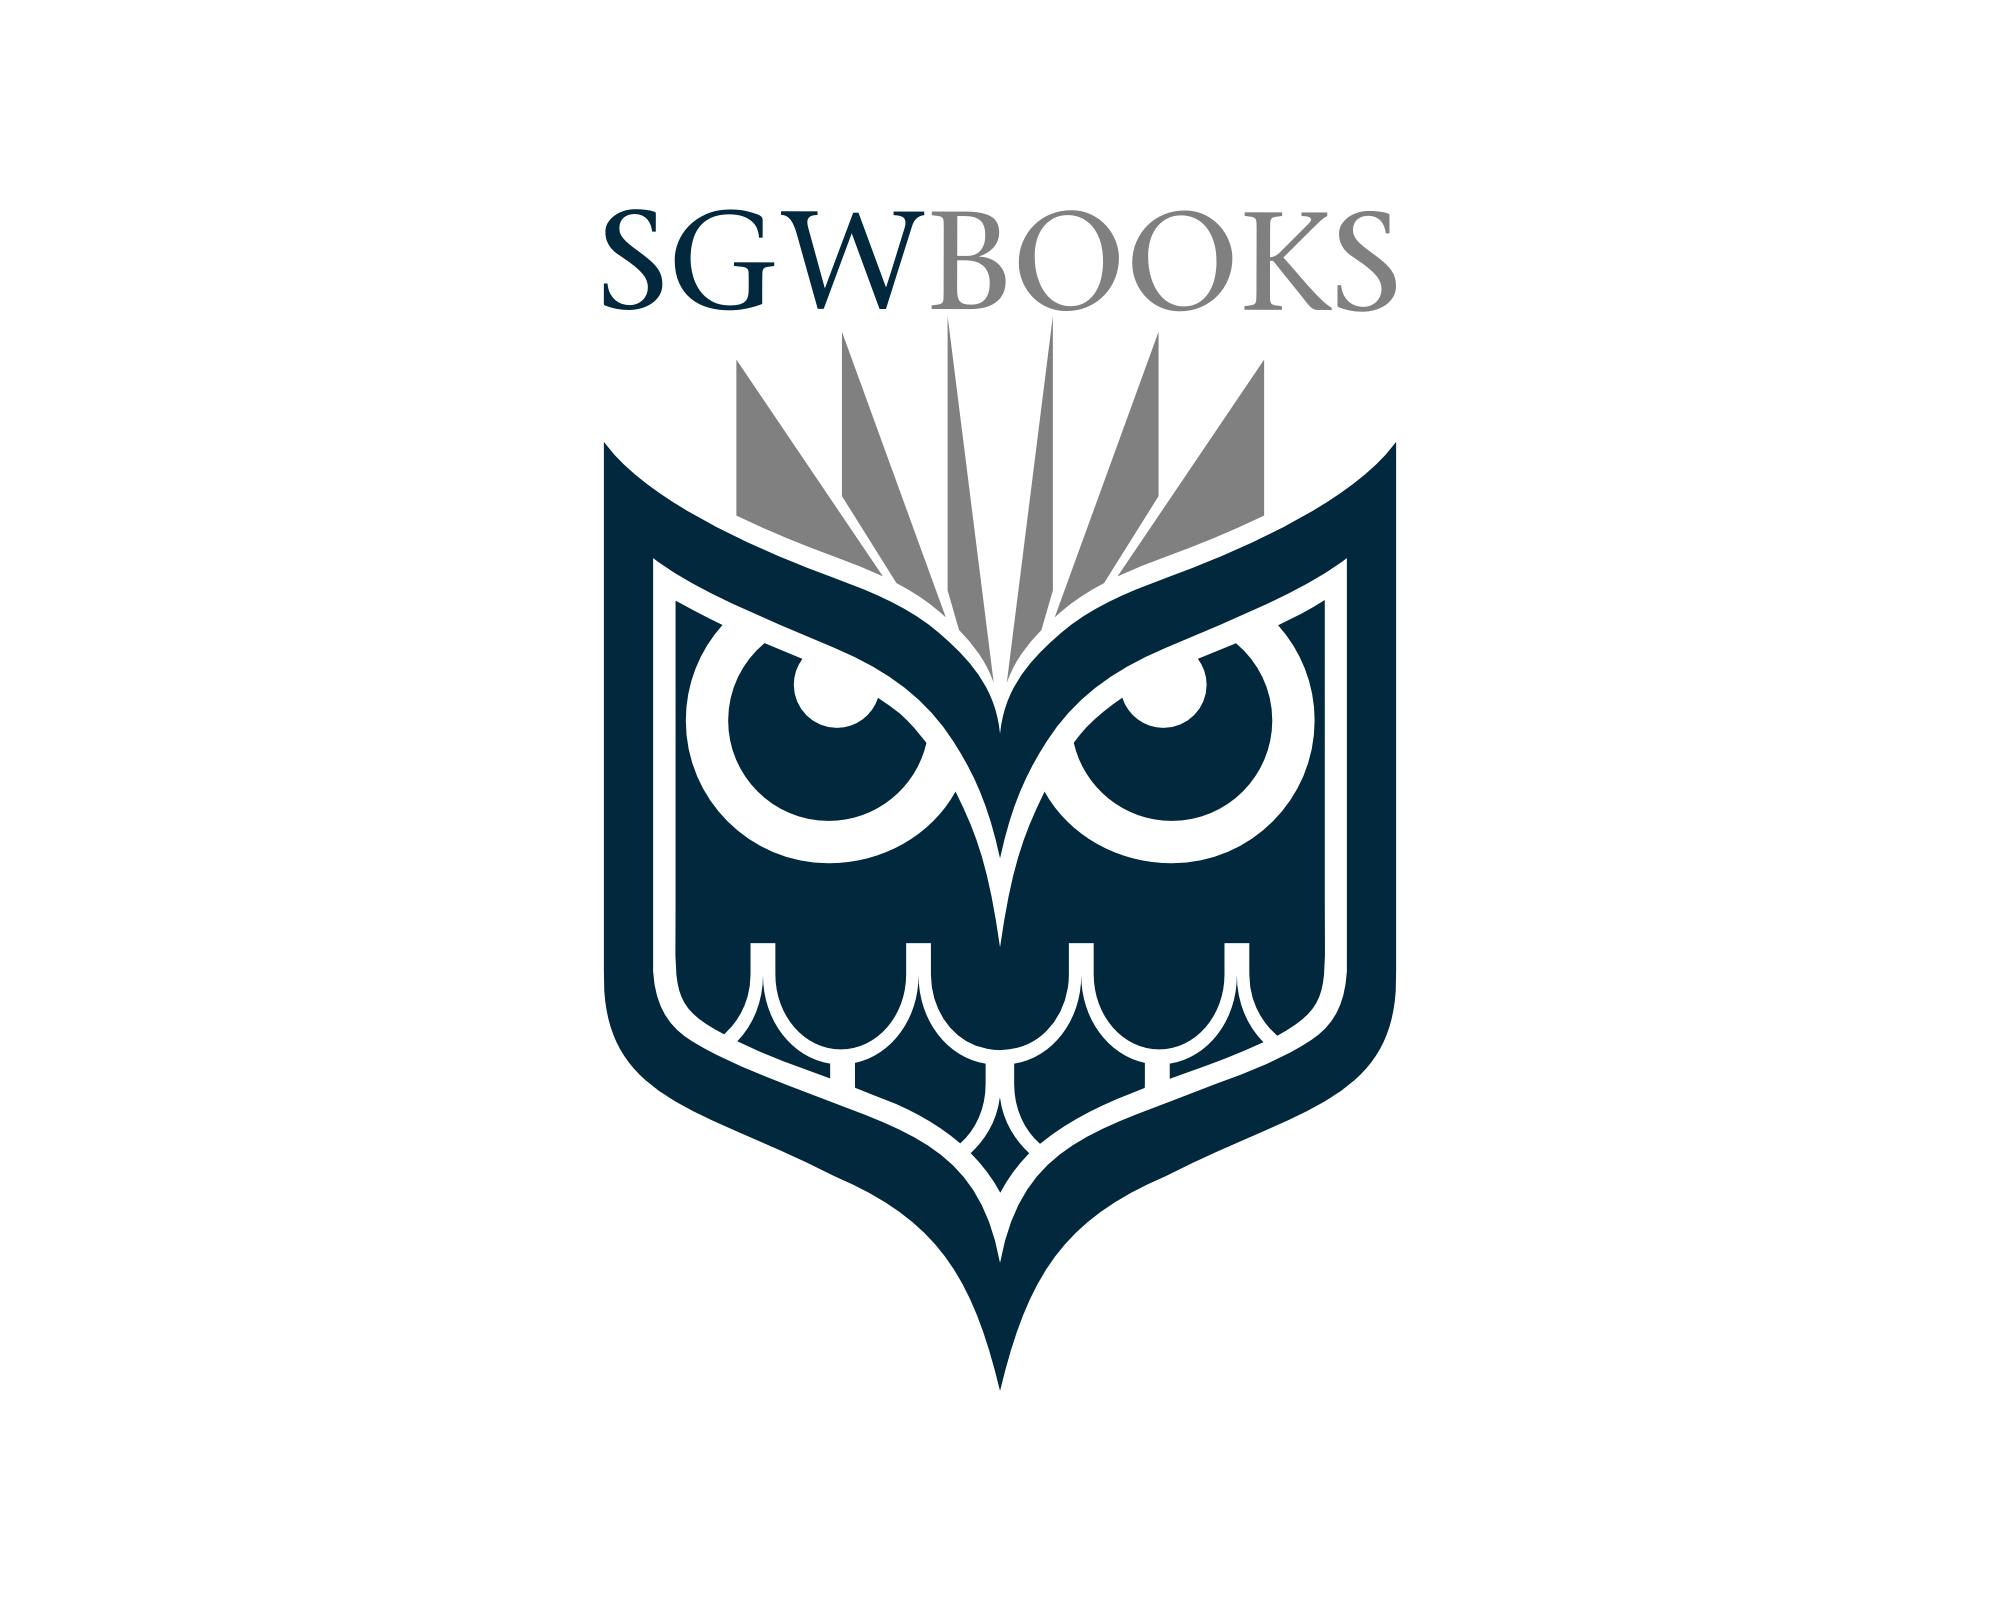 Logo Design by explogos - Entry No. 77 in the Logo Design Contest SGW Books Logo Design.